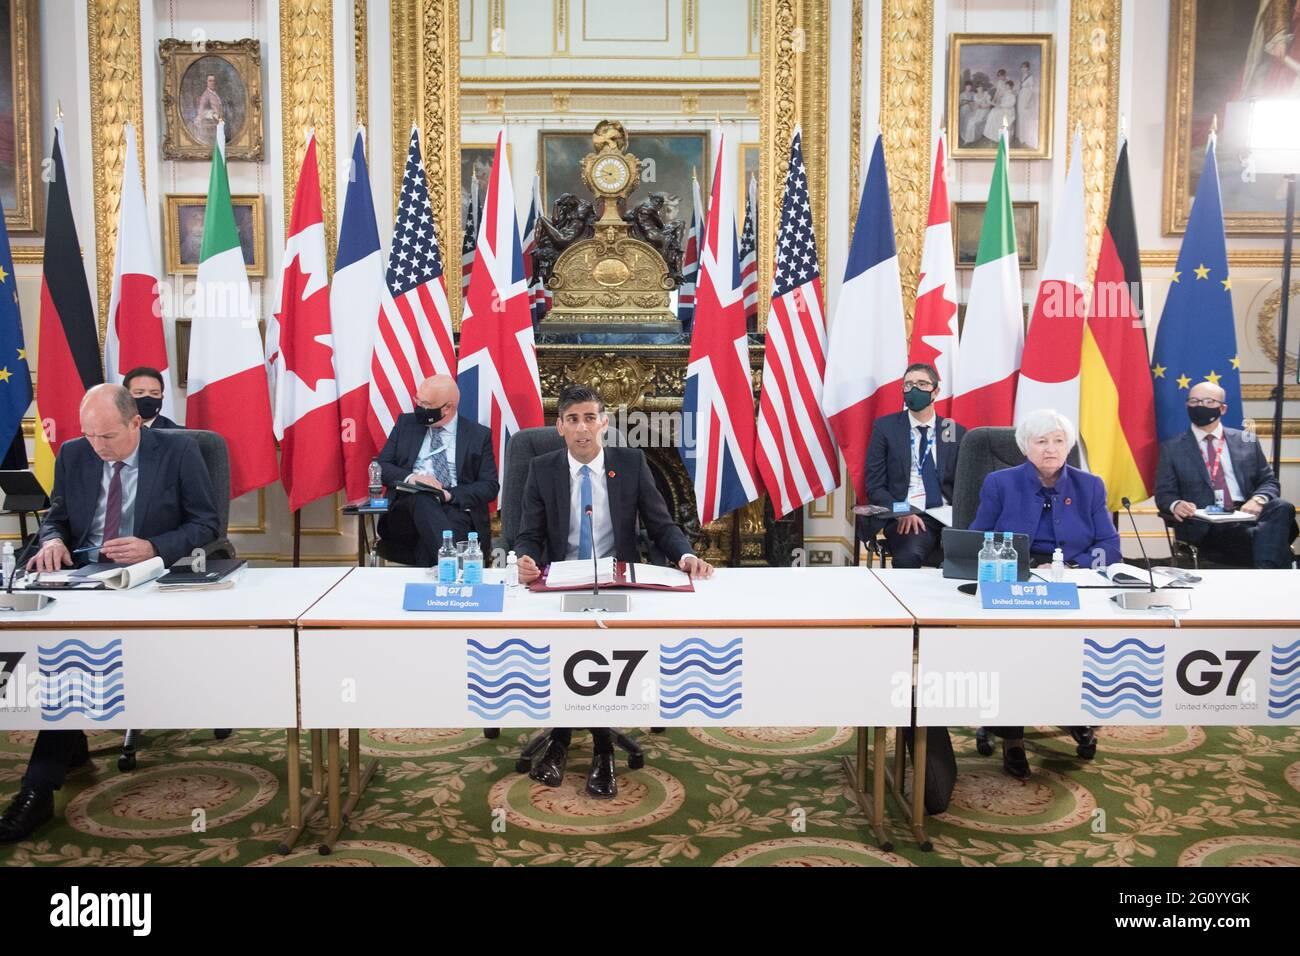 Schatzkanzler Rishi Sunak bei einem Treffen der Finanzminister aus allen G7-Staaten im Lancaster House in London vor dem G7-Gipfel. Bilddatum: Freitag, 4. Juni 2021. Stockfoto